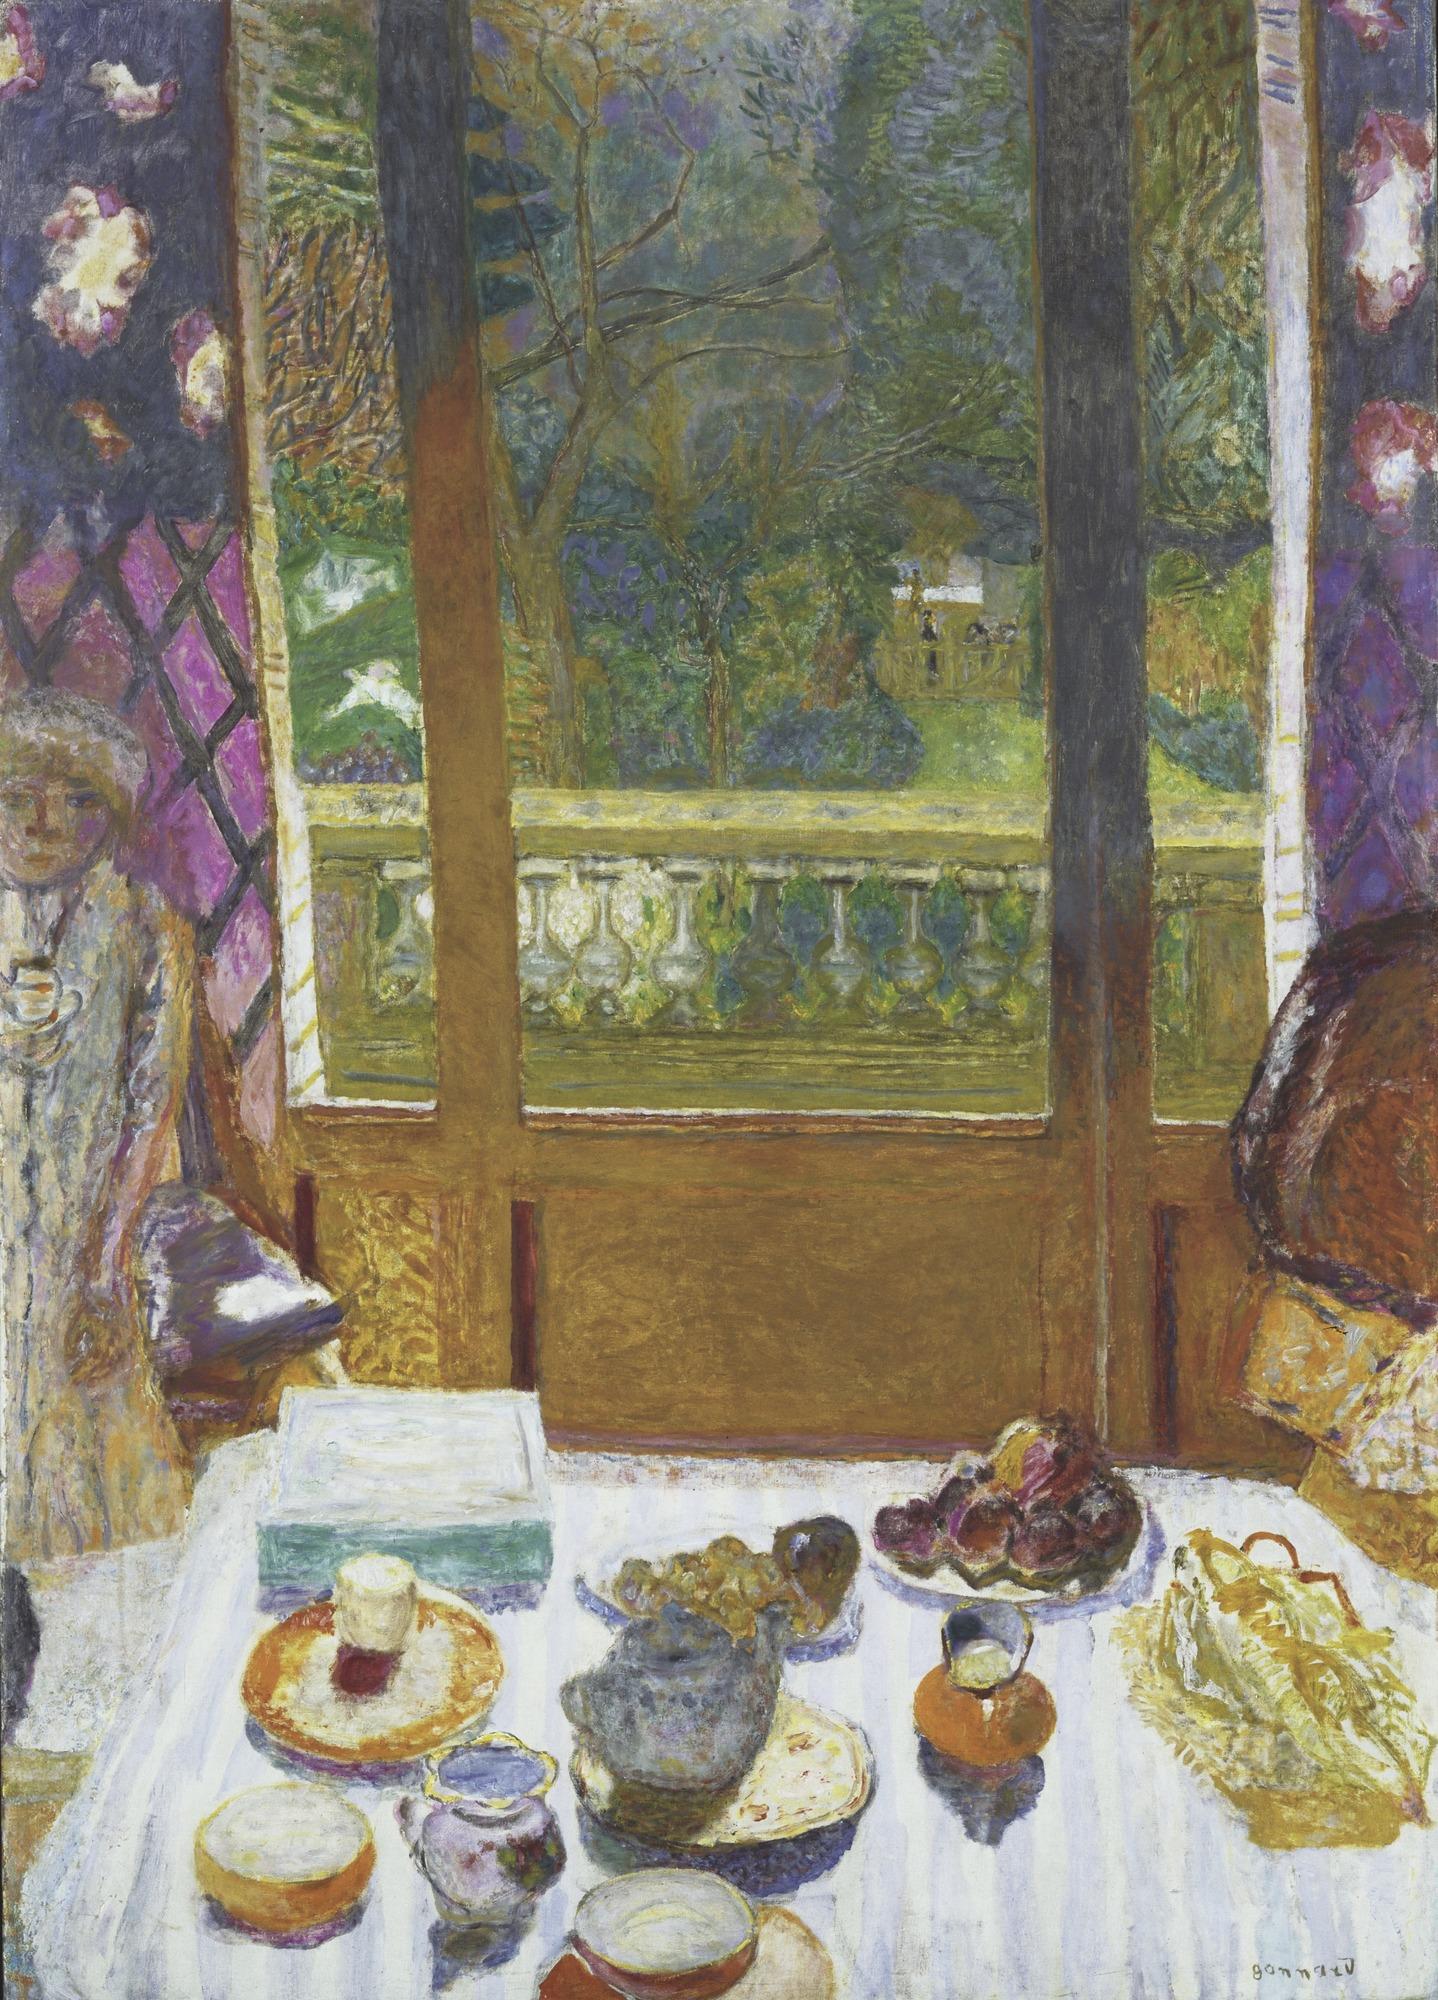 Pierre Bonnard - Dining Room Overlooking the Garden